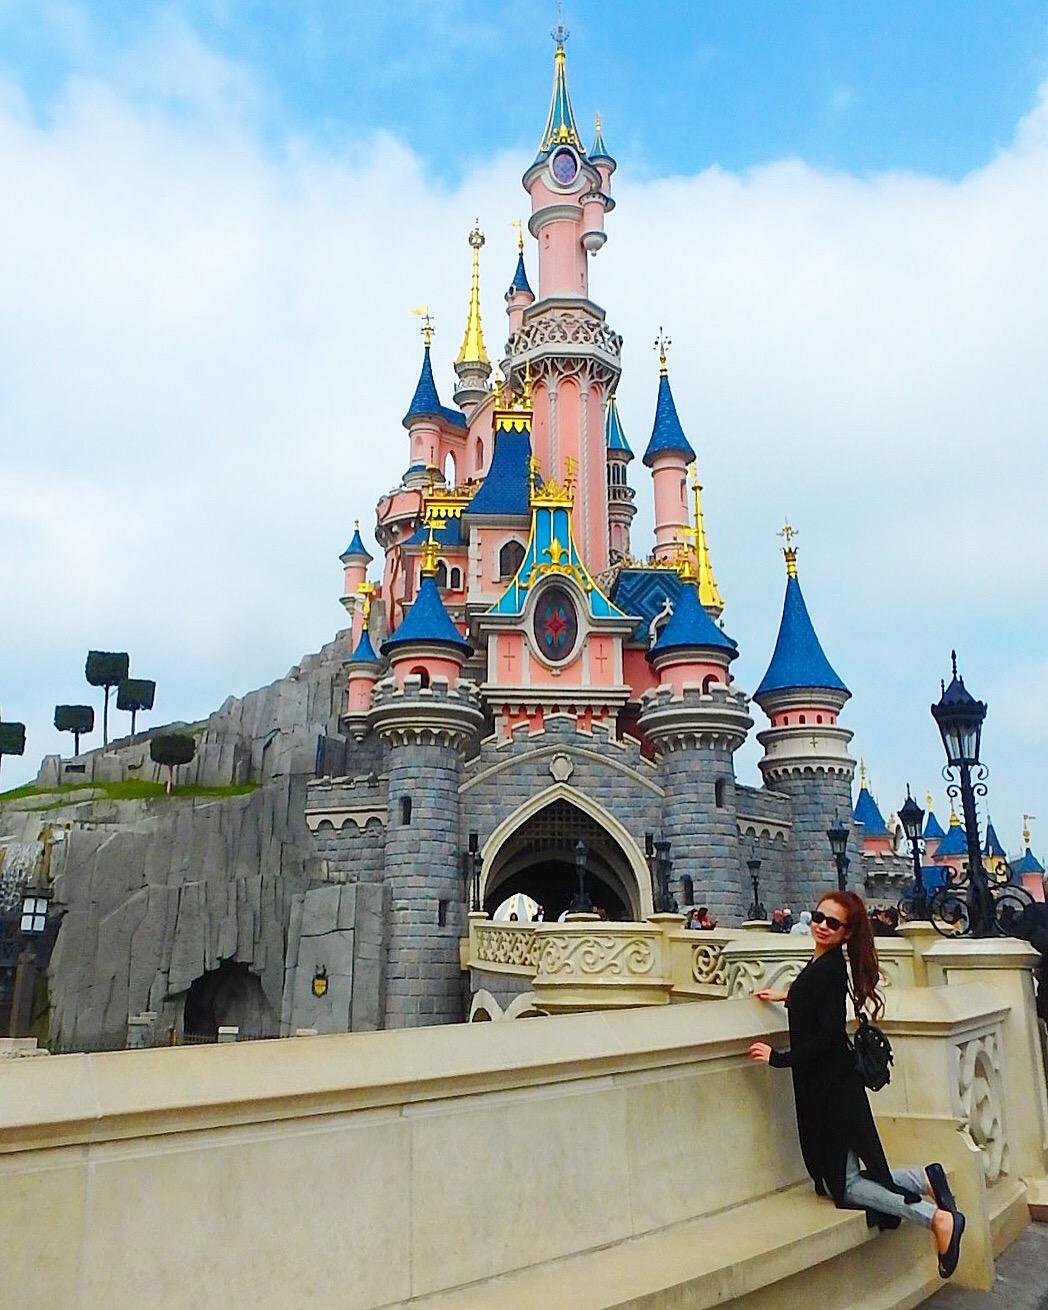 ディズニーランドパリ オーロラ姫のお城はピンク